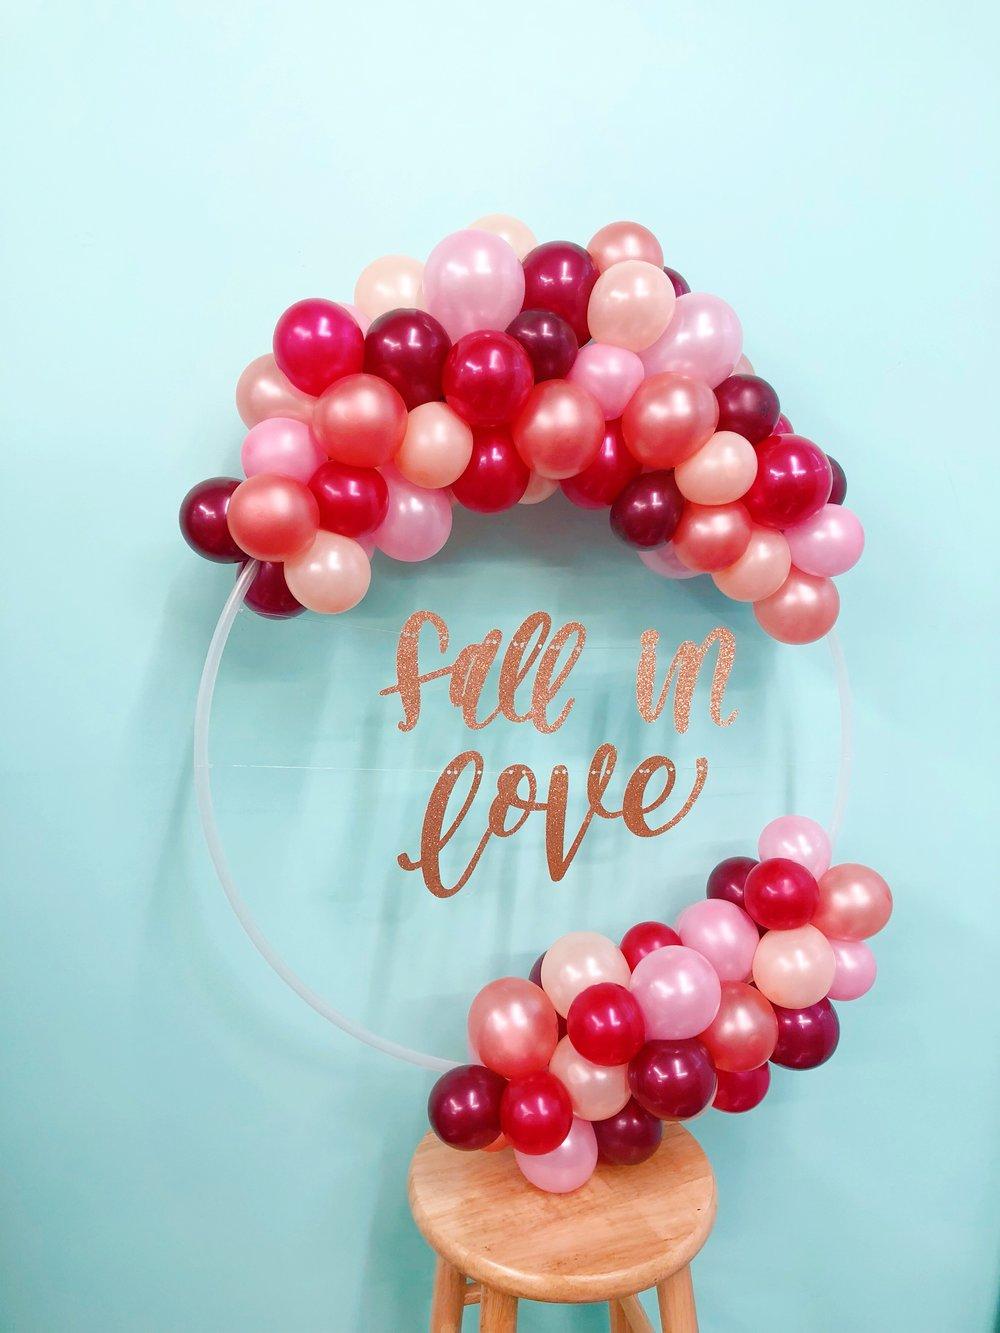 vroom_vroom_balloon_wreath_fall_in_love_wedding_pink.JPG